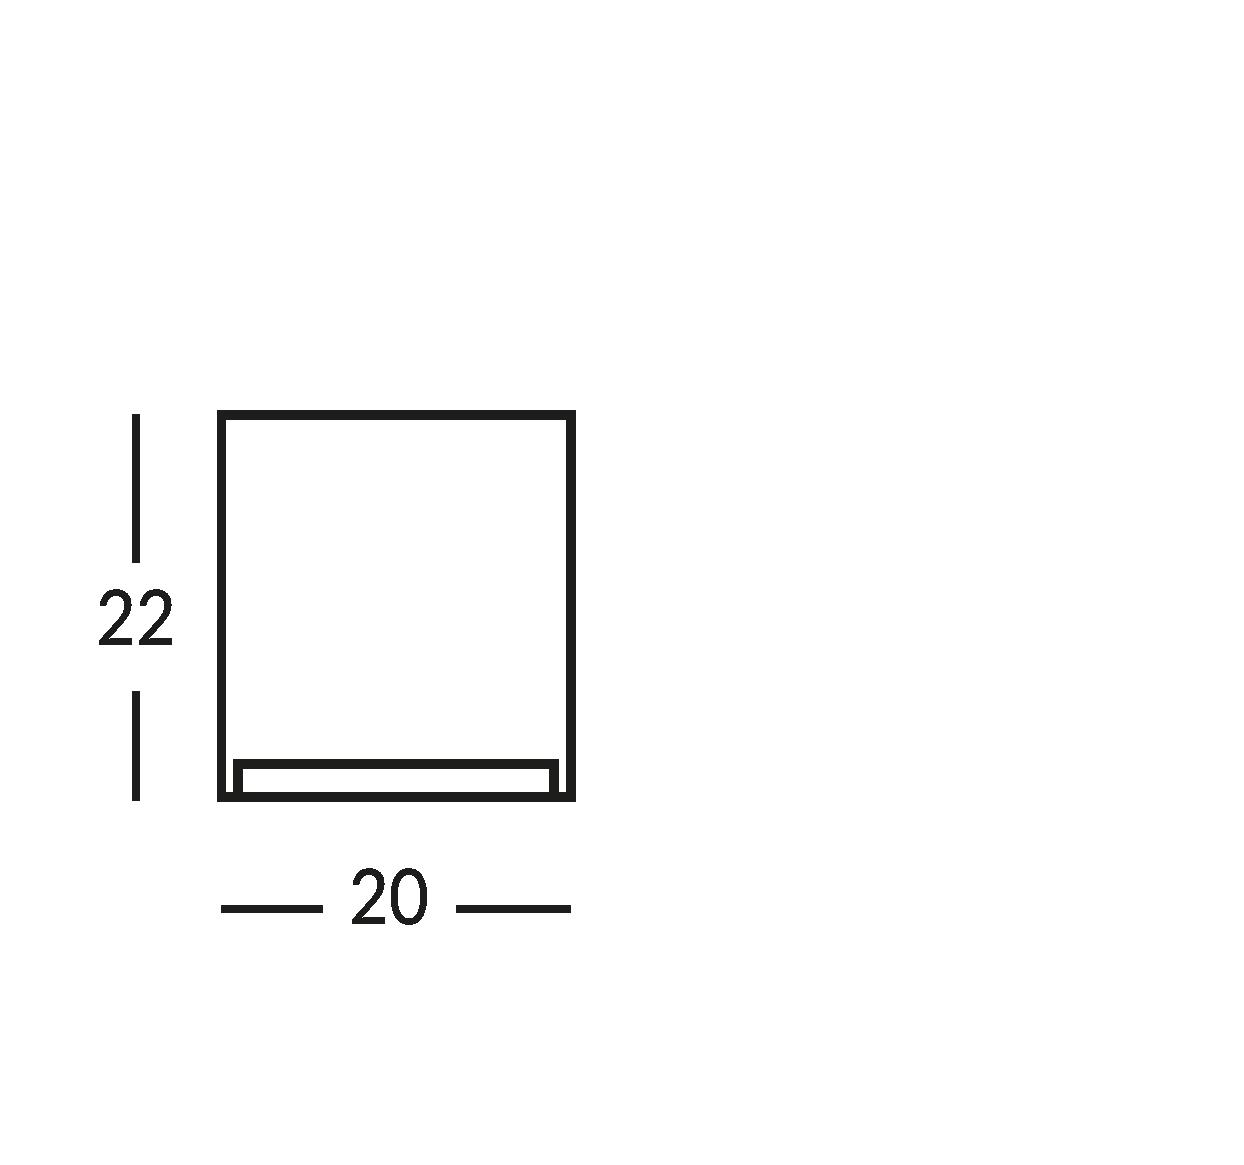 Supporti per comunicazioni normative e regolamentari realizzati in cristallo, stampati in quadricromia.